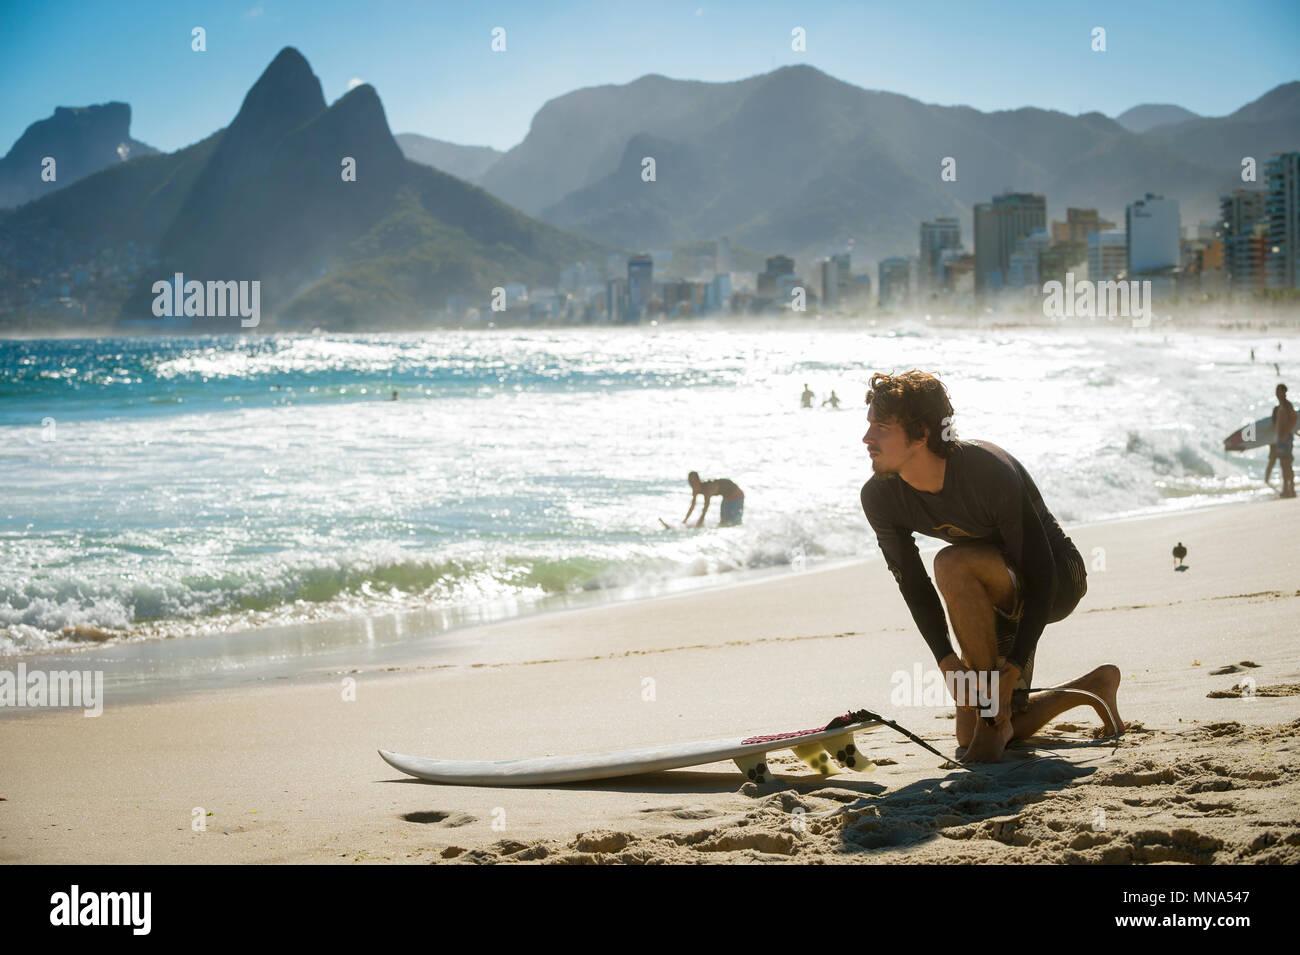 RIO DE JANEIRO - Mars 20, 2017: surfer sur la plage avant d'aller dans les vagues au spot de surf à l'Arpoador. Photo Stock